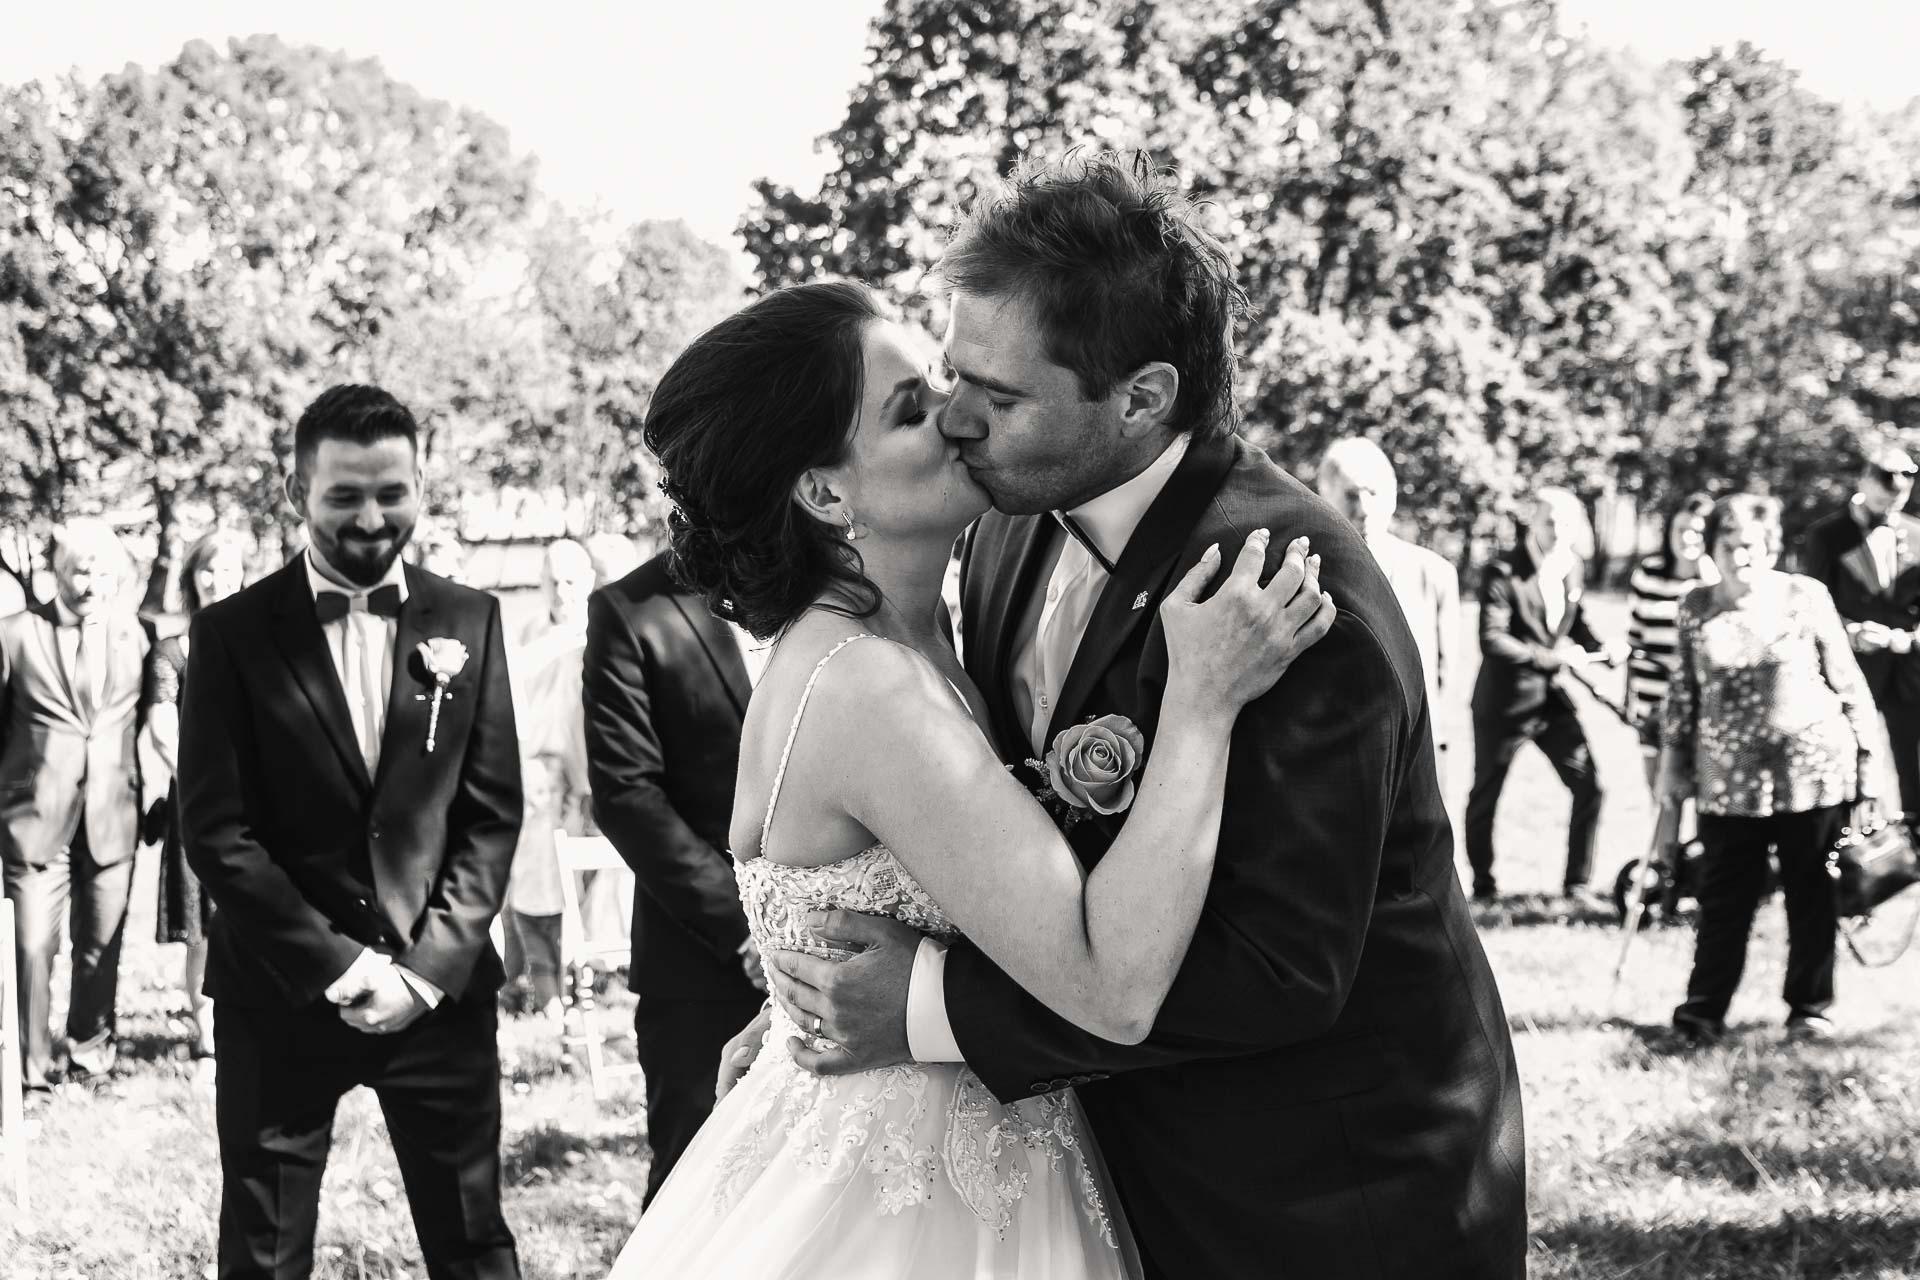 svatební-fotografie-Říp-svatební-video-ŘÍP-svatební-fotograf-ŘÍP-svatba-Mělník-svatba-Neratovice-fotograf-na-savtbu-kameraman-na-svatbu-118